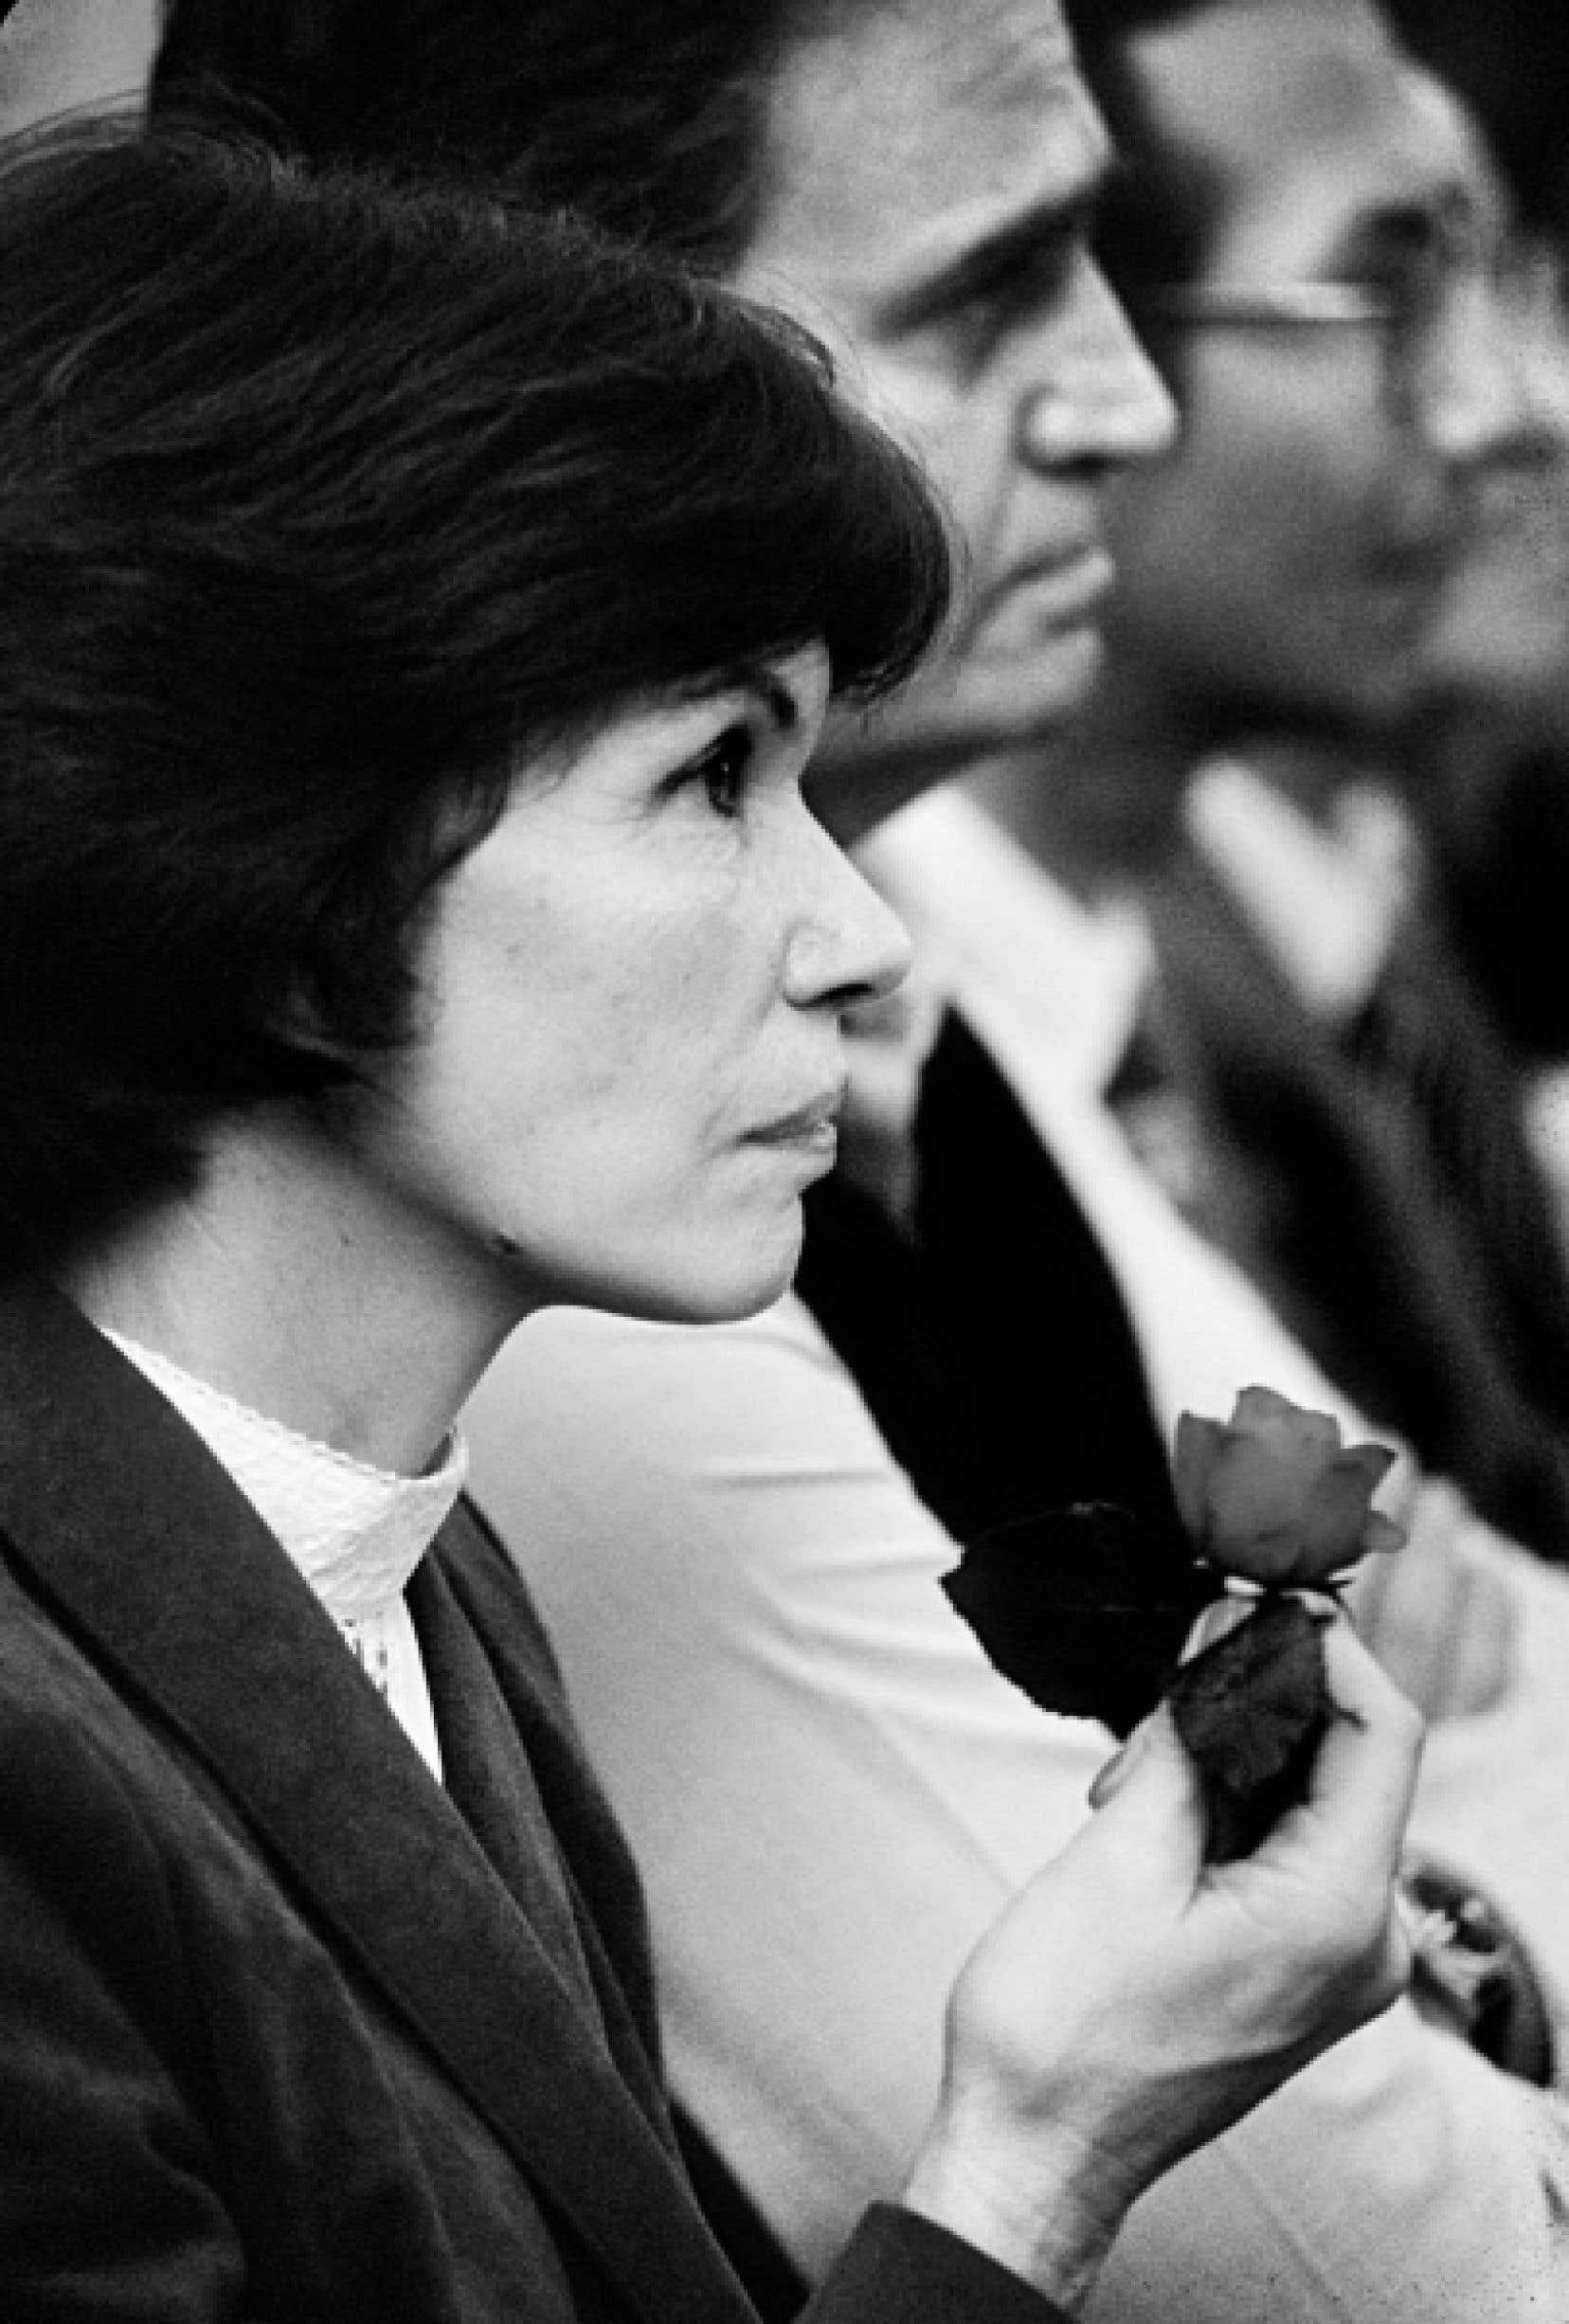 Danielle Mitterrand lors d'une réunion électorale en 1981.